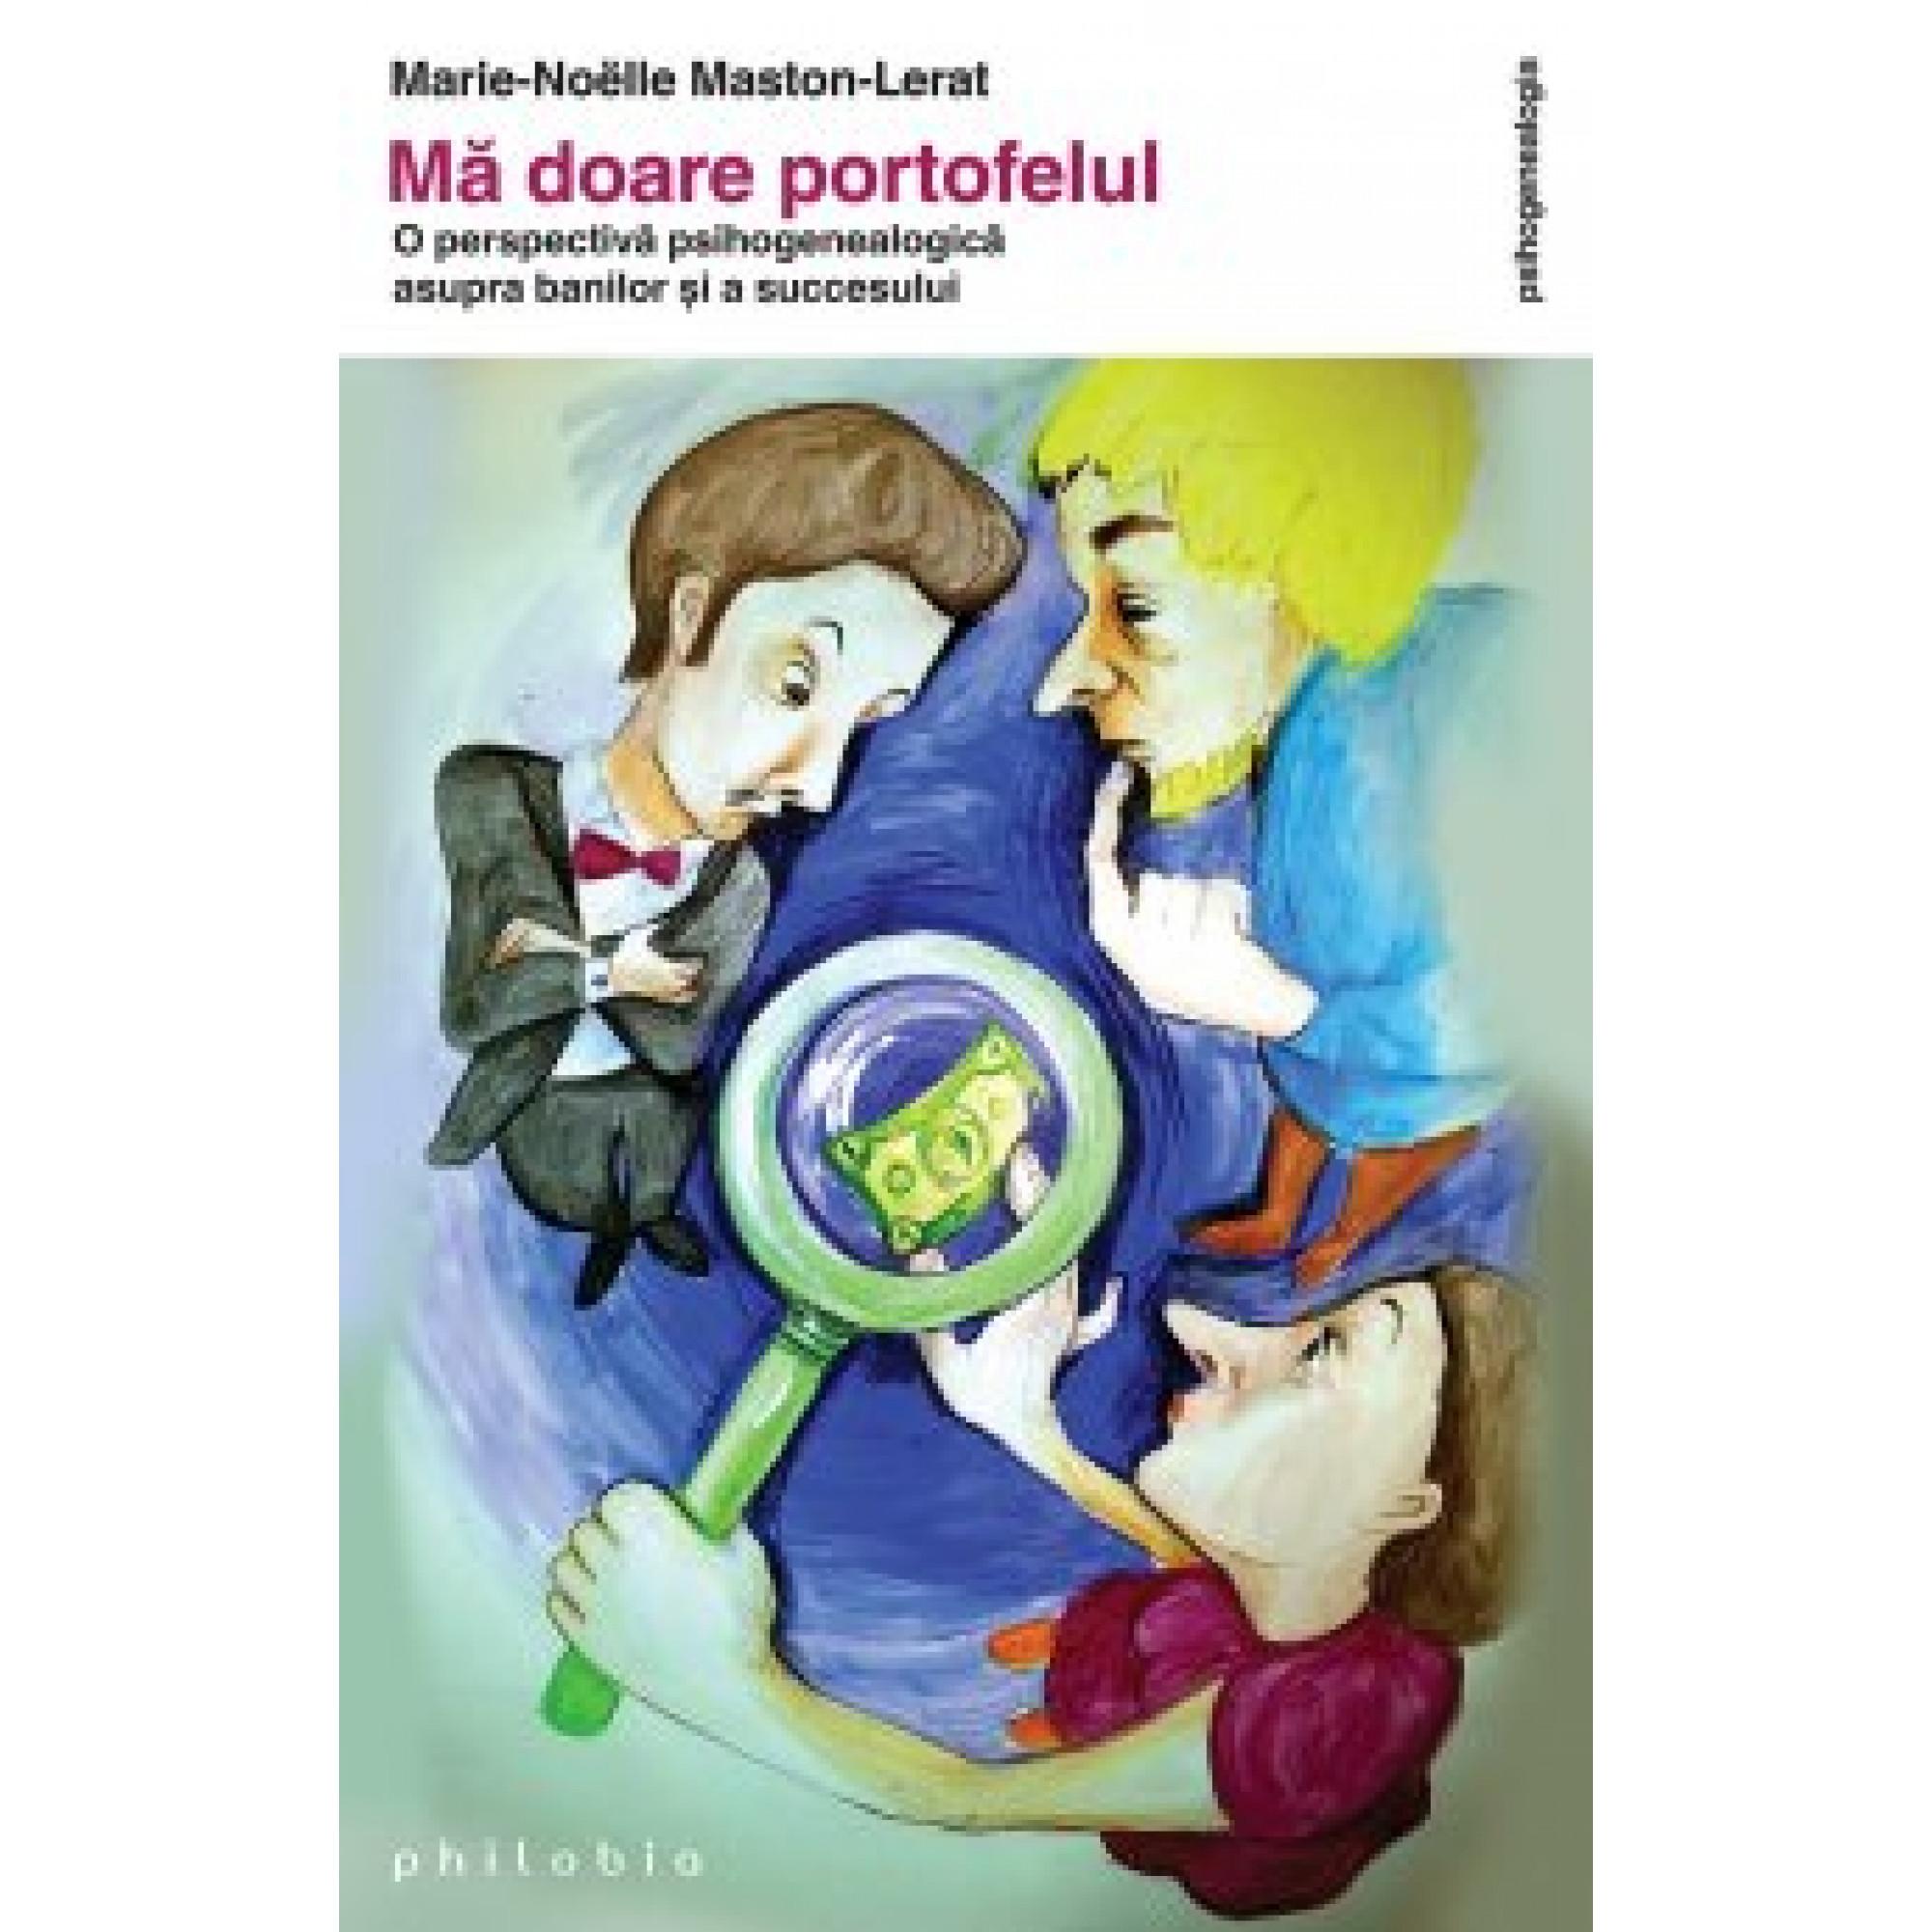 Mă doare portofelul; Marie-Noëlle Maston Lerat